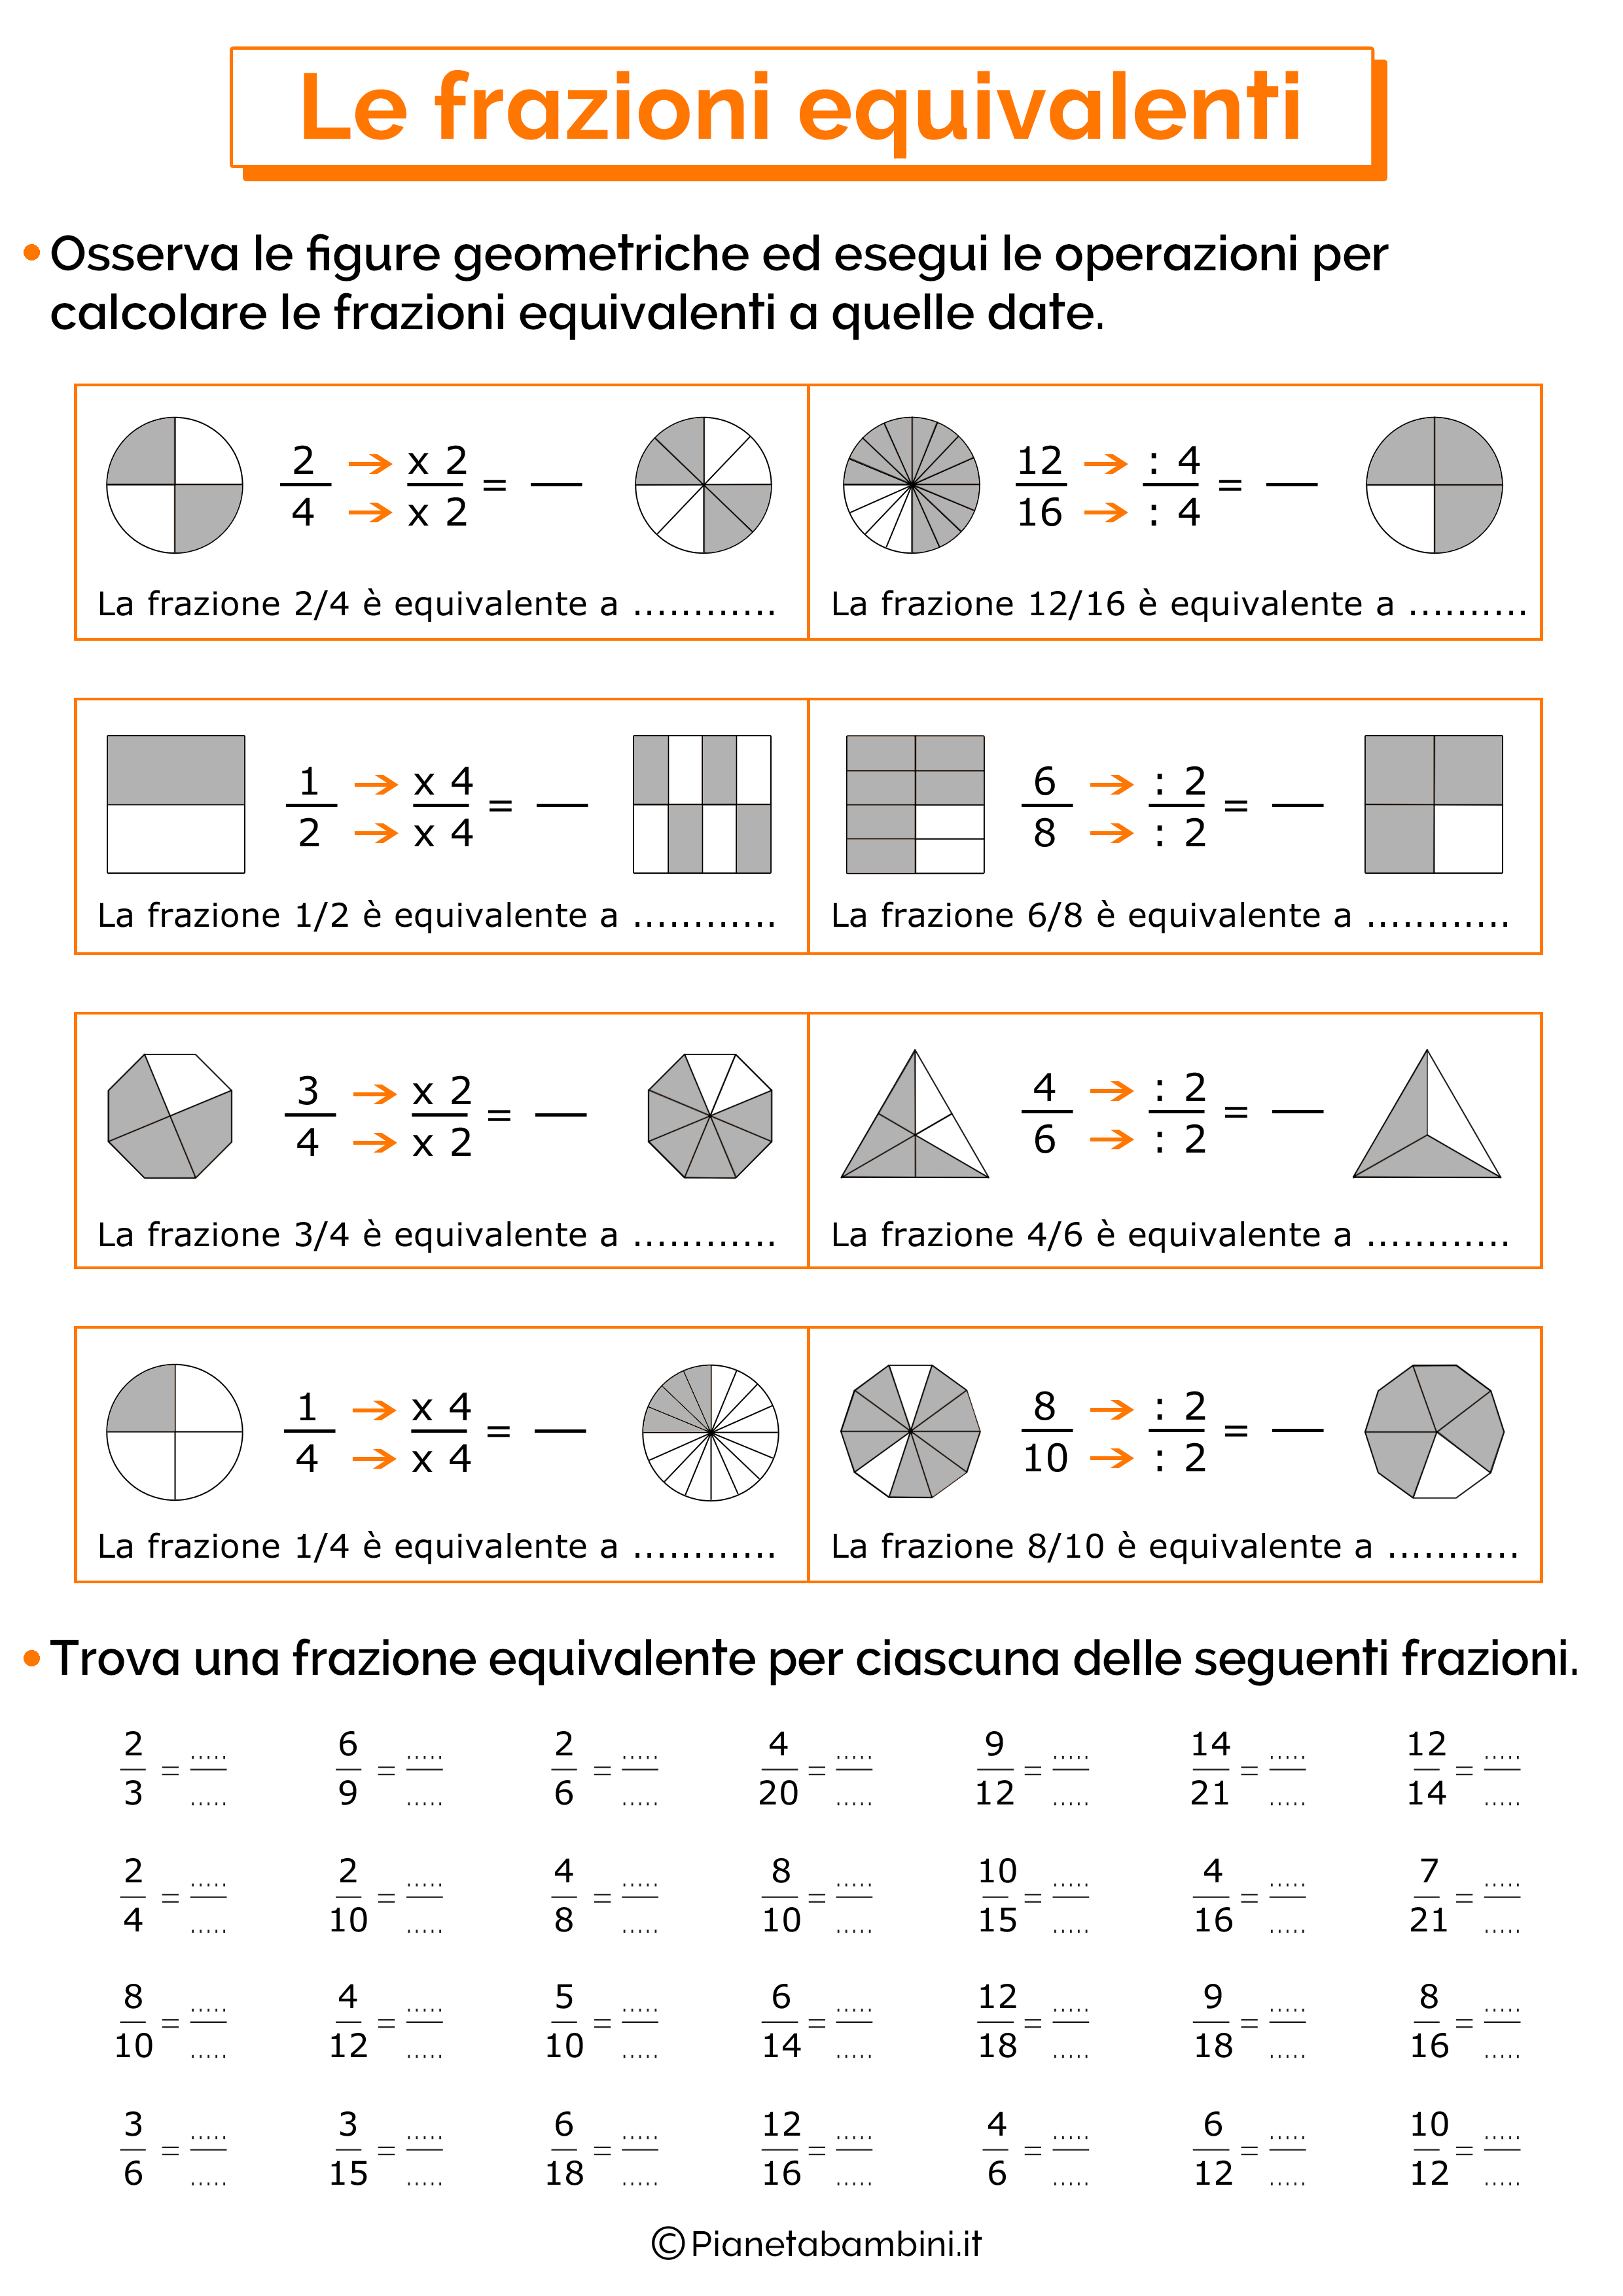 Esercizi sulle frazioni equivalenti